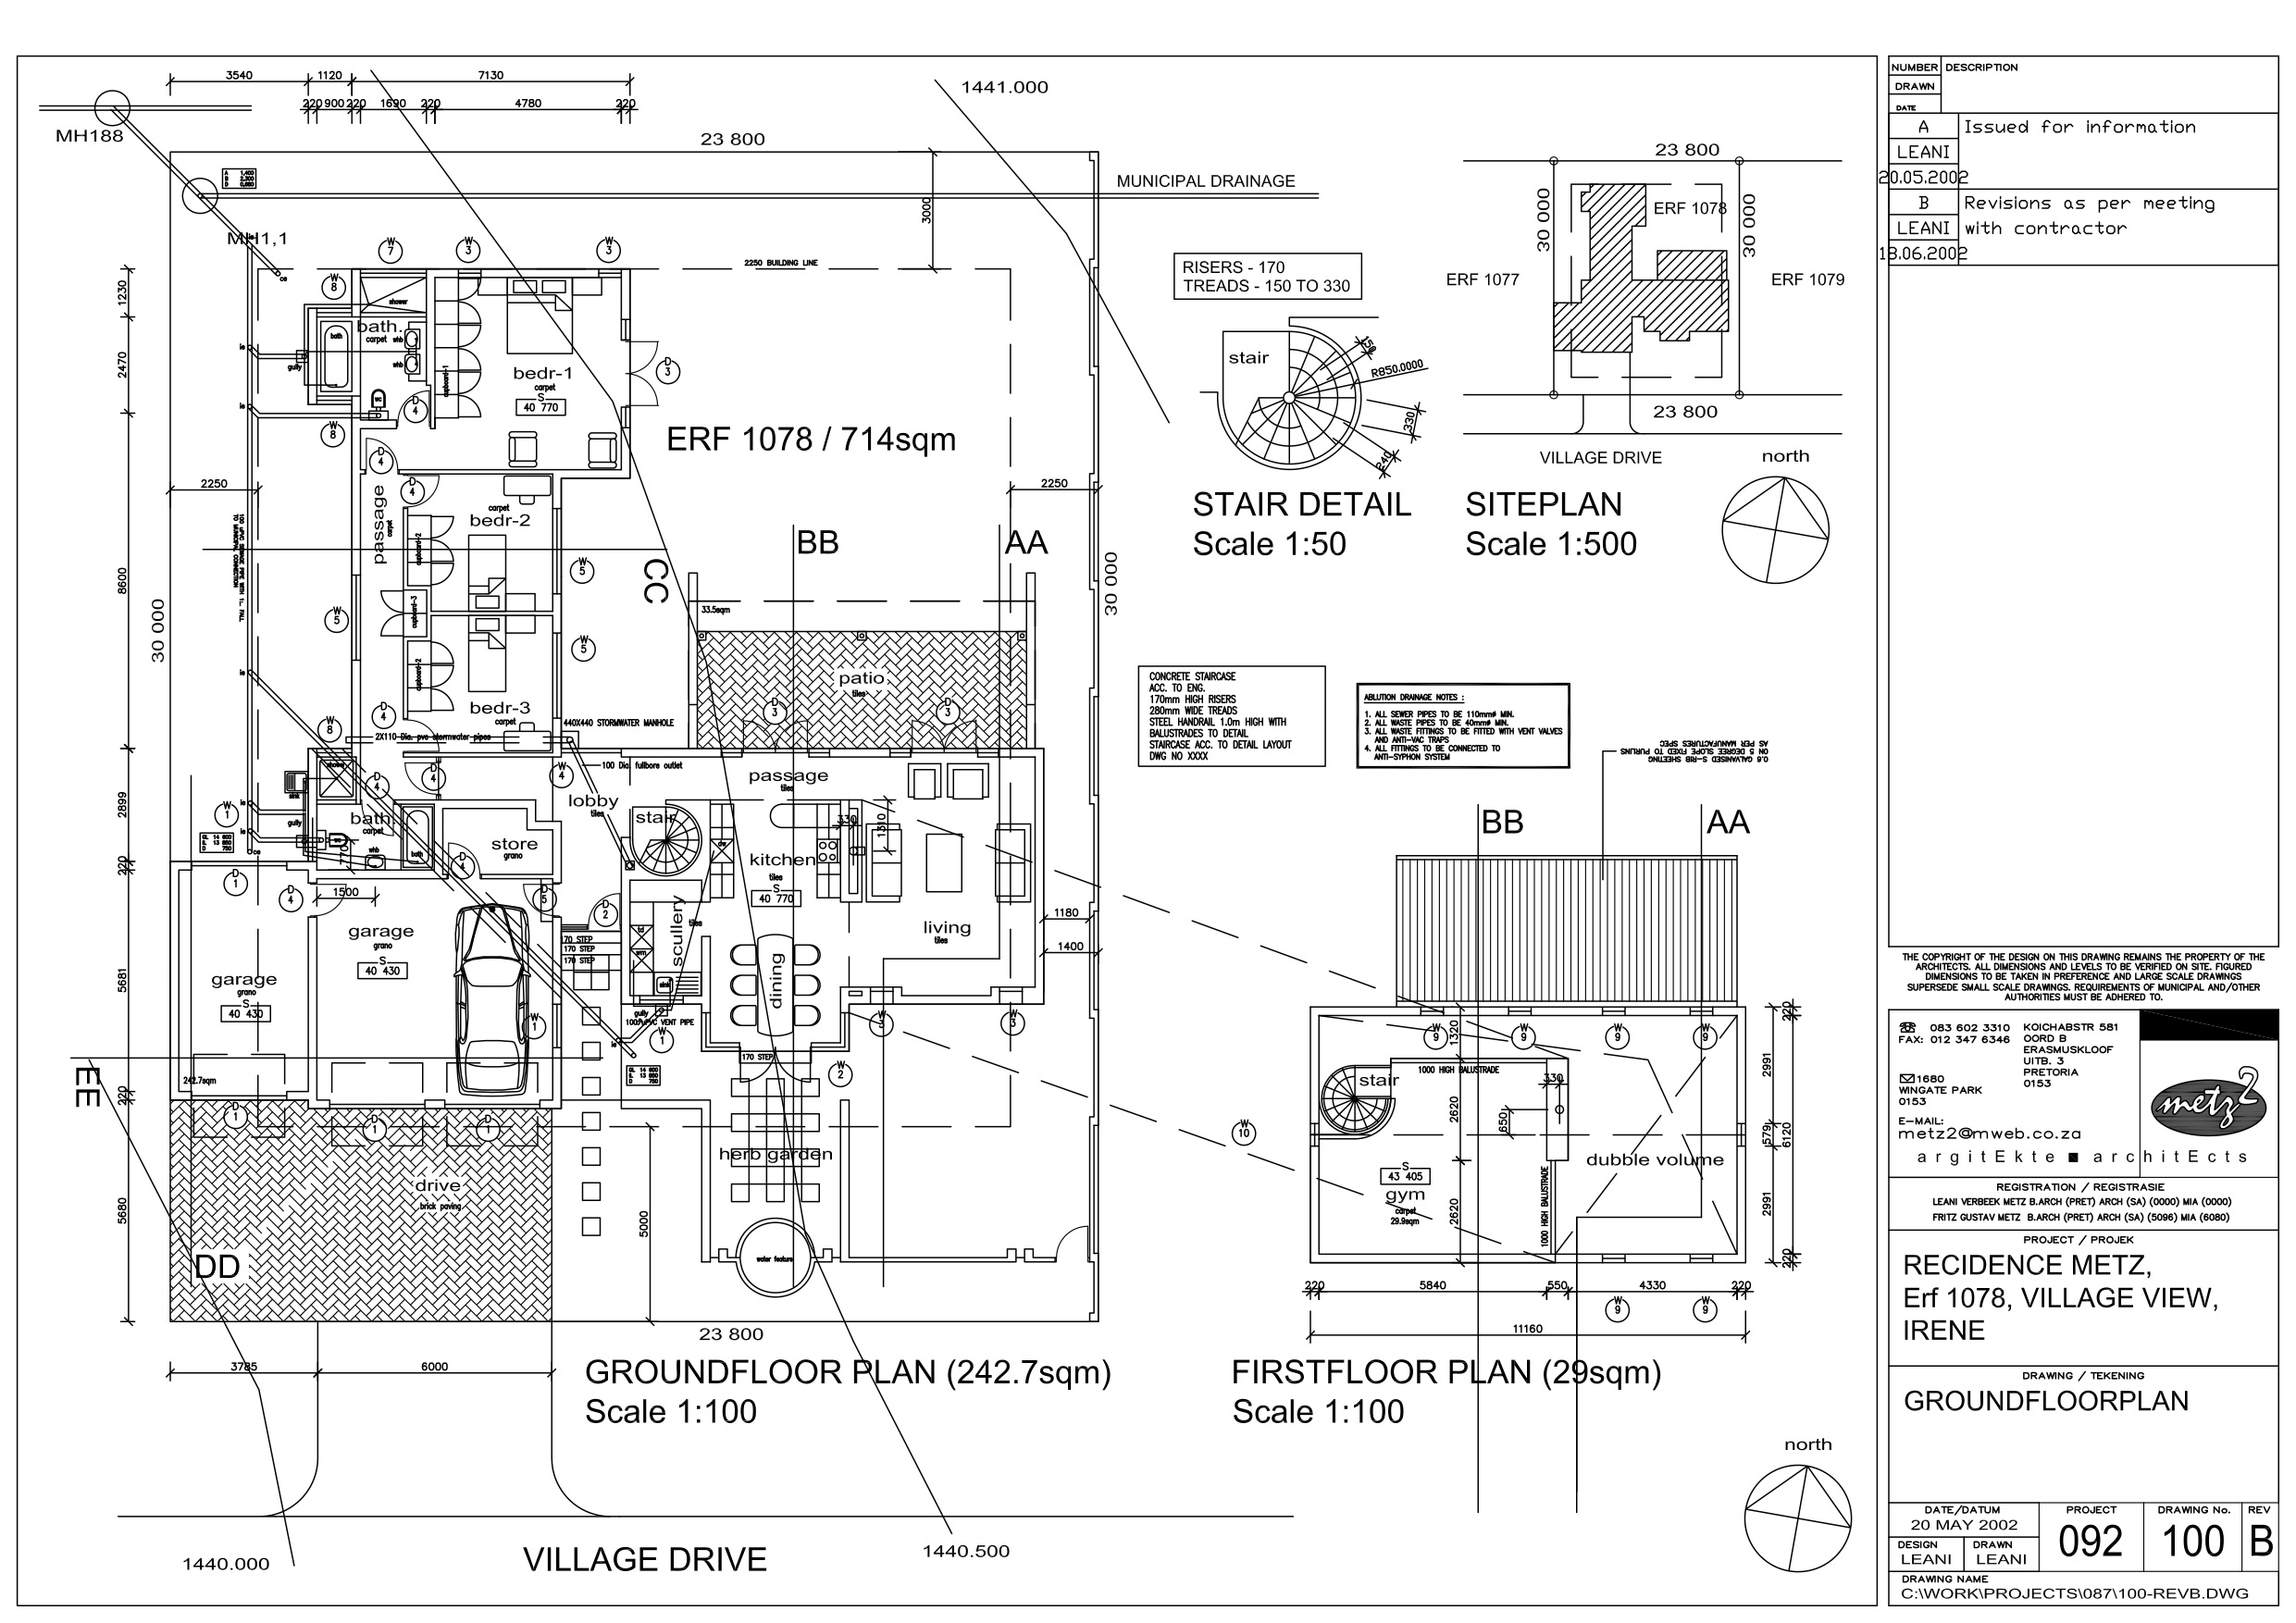 Plan layouts